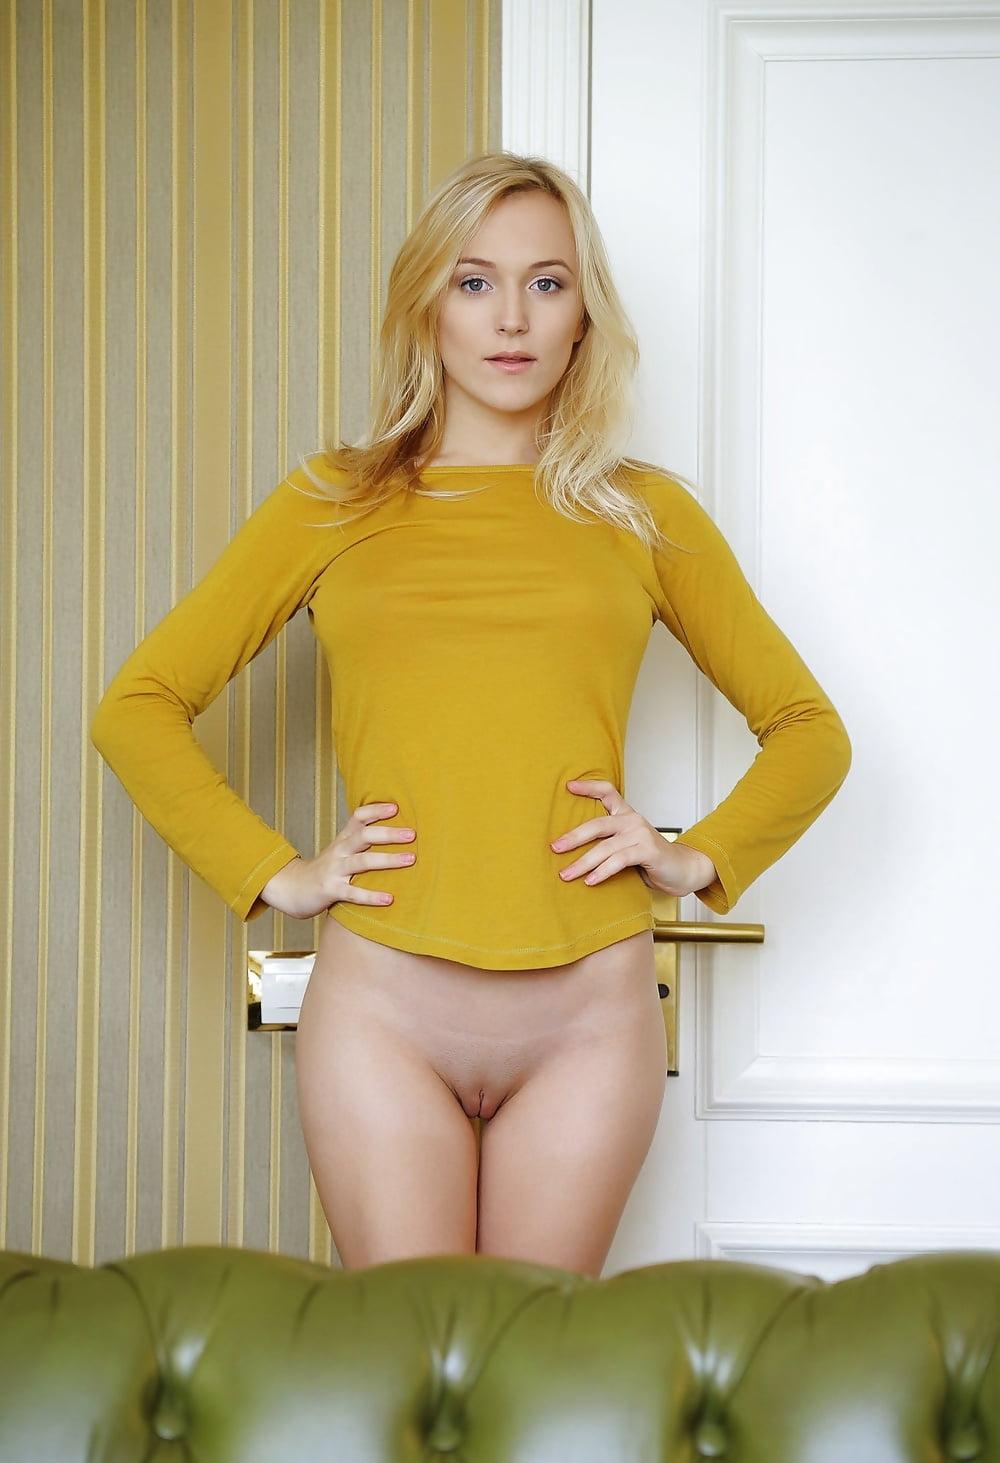 Девушка в желтой рубашке порно, наталью пустынину порно